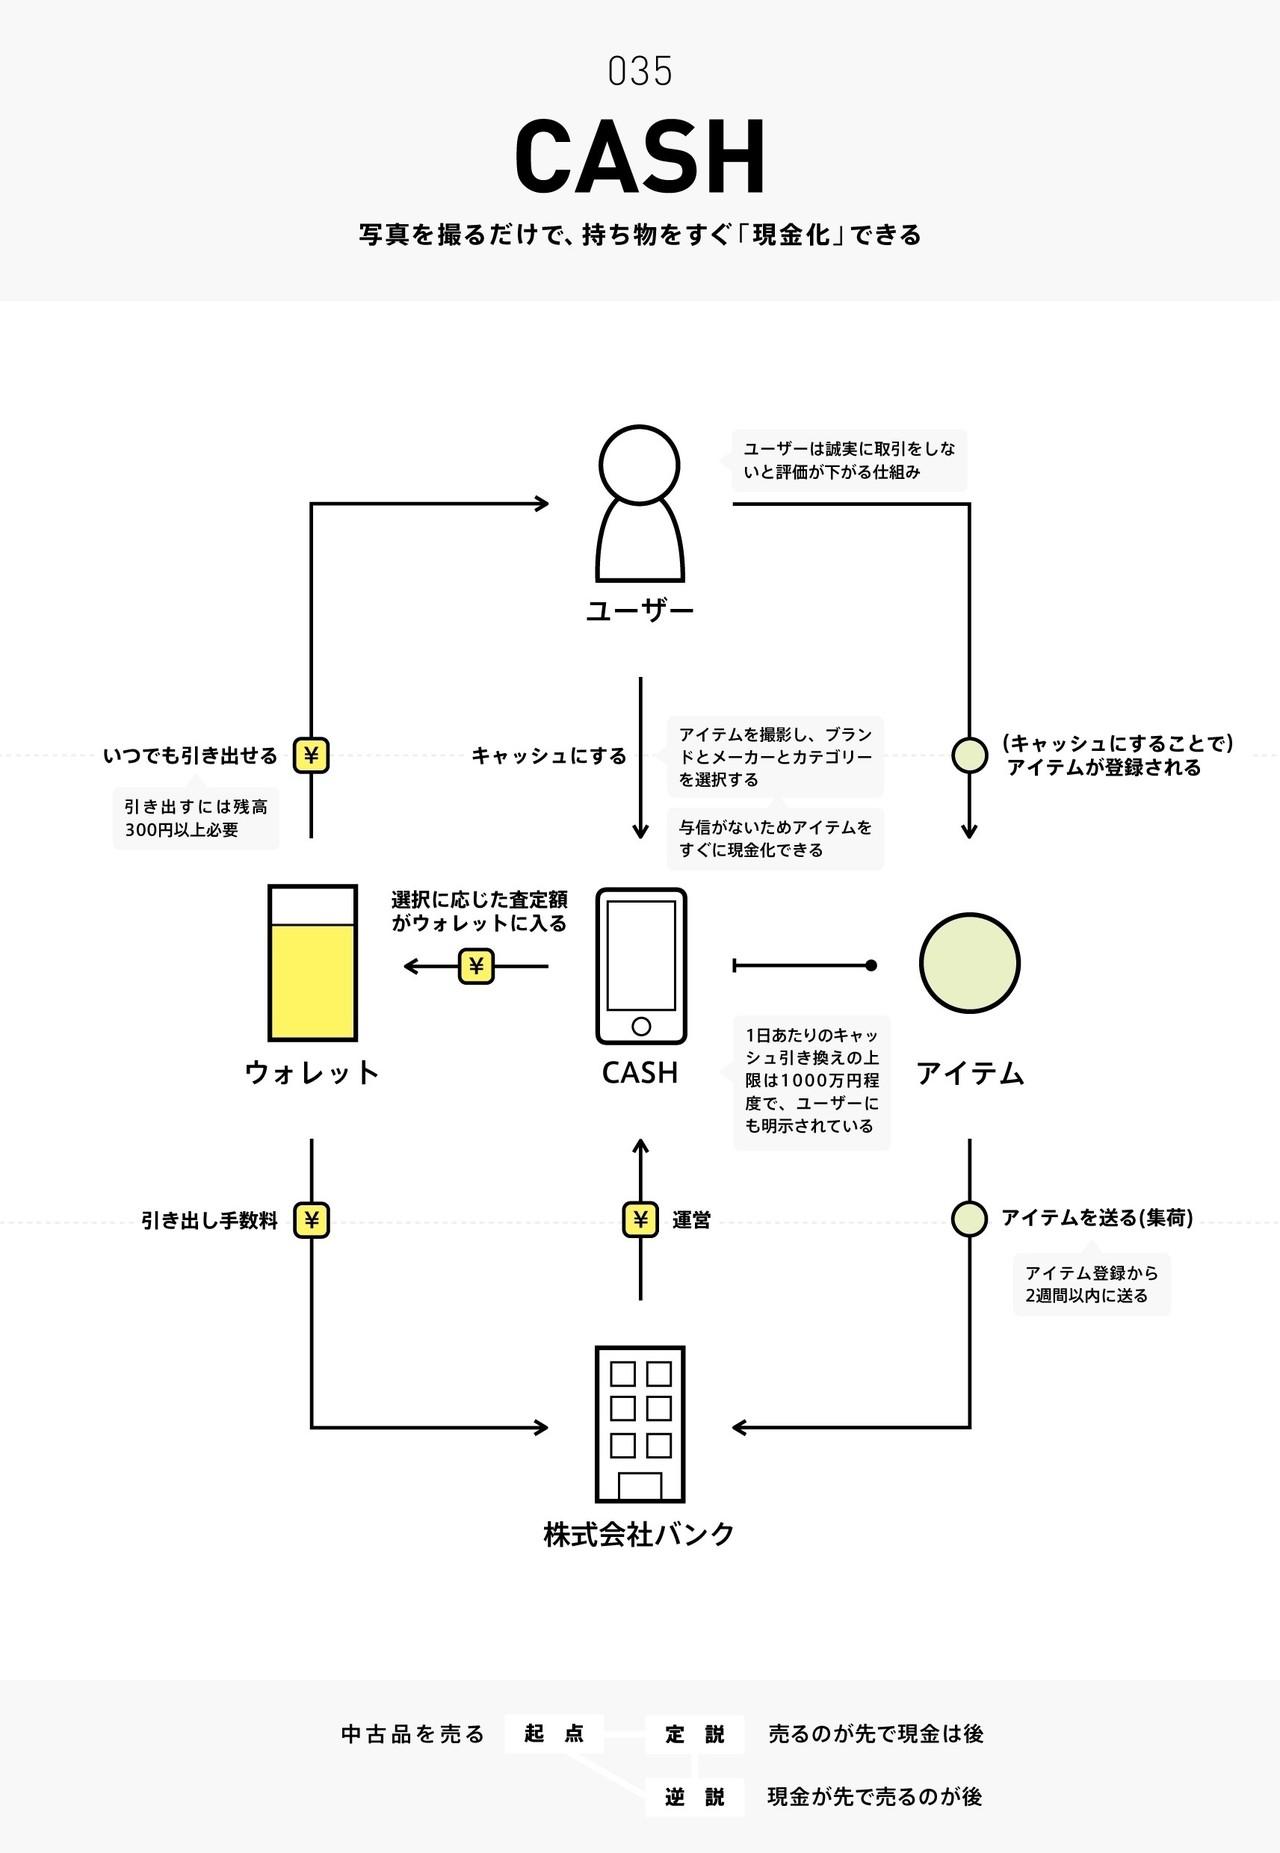 b1185713612 ビジネスモデル2.0図鑑 #全文公開チャレンジ チャーリー note